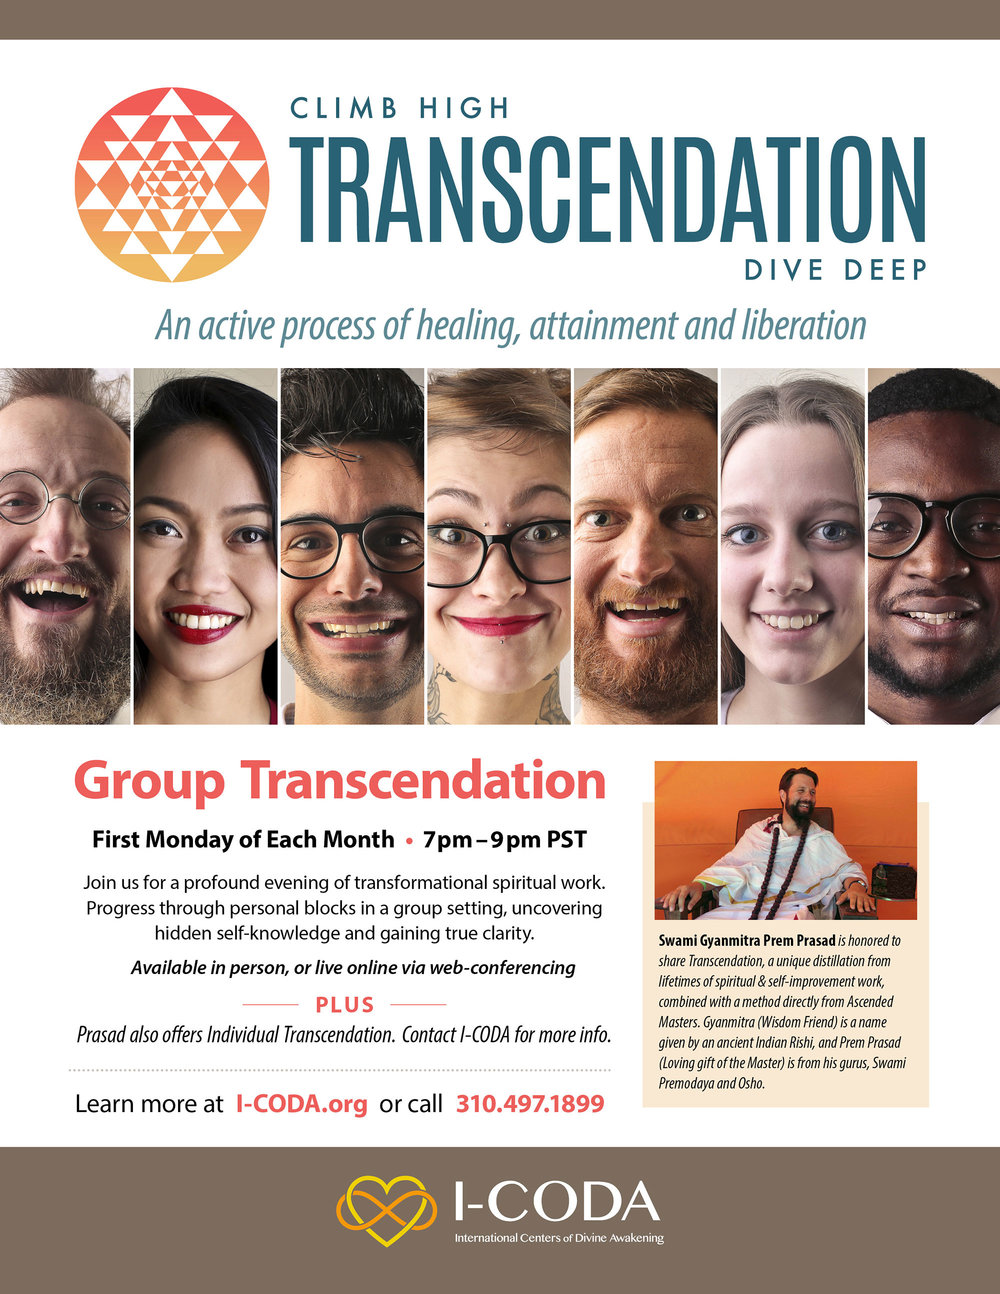 Group Transcendation Flyer 2019.jpg